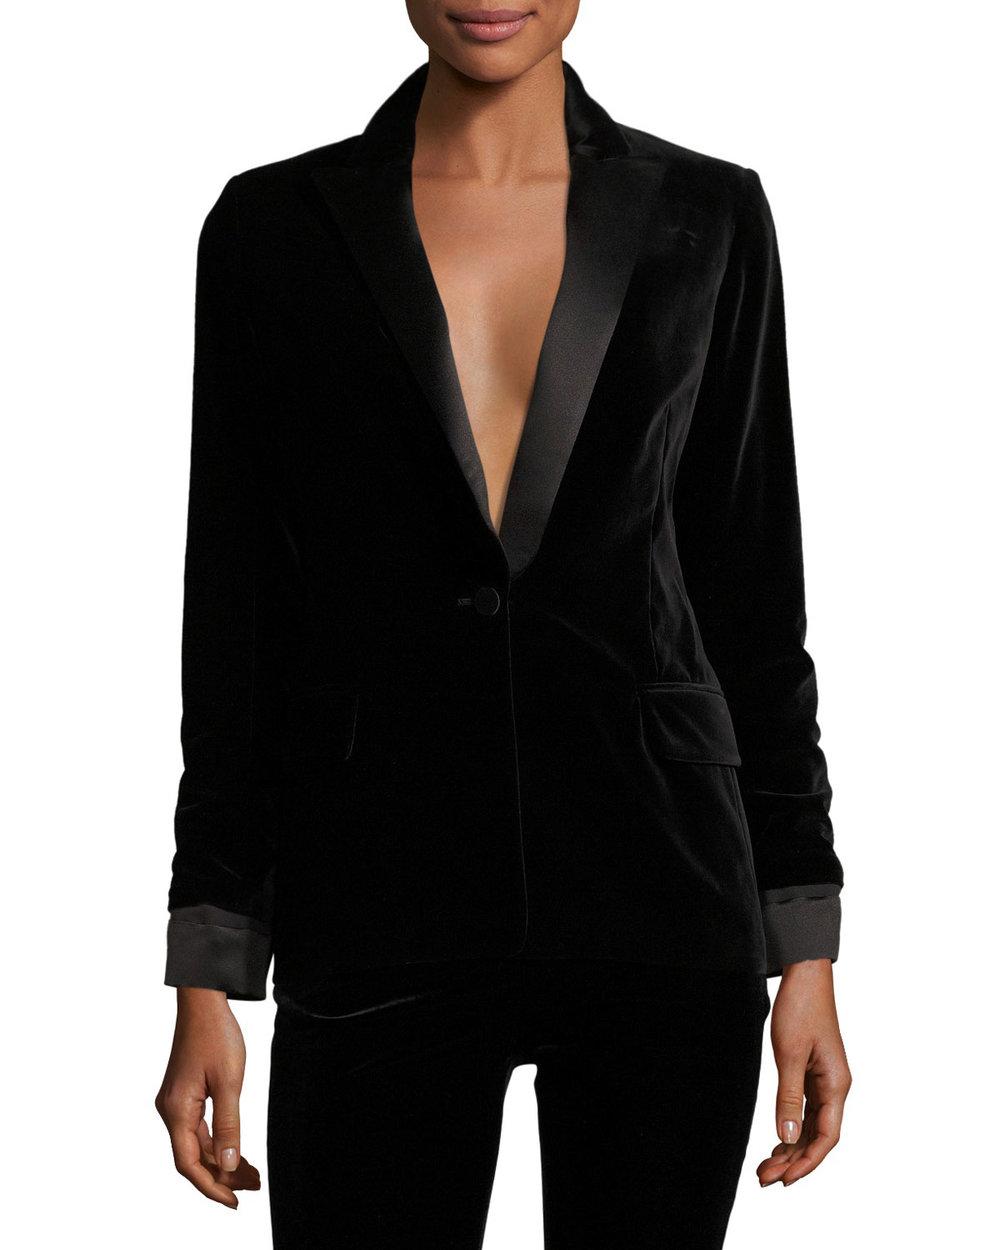 TOM FORD Satin-Lapel velvet blazer, $2750 neimanmarcus.com